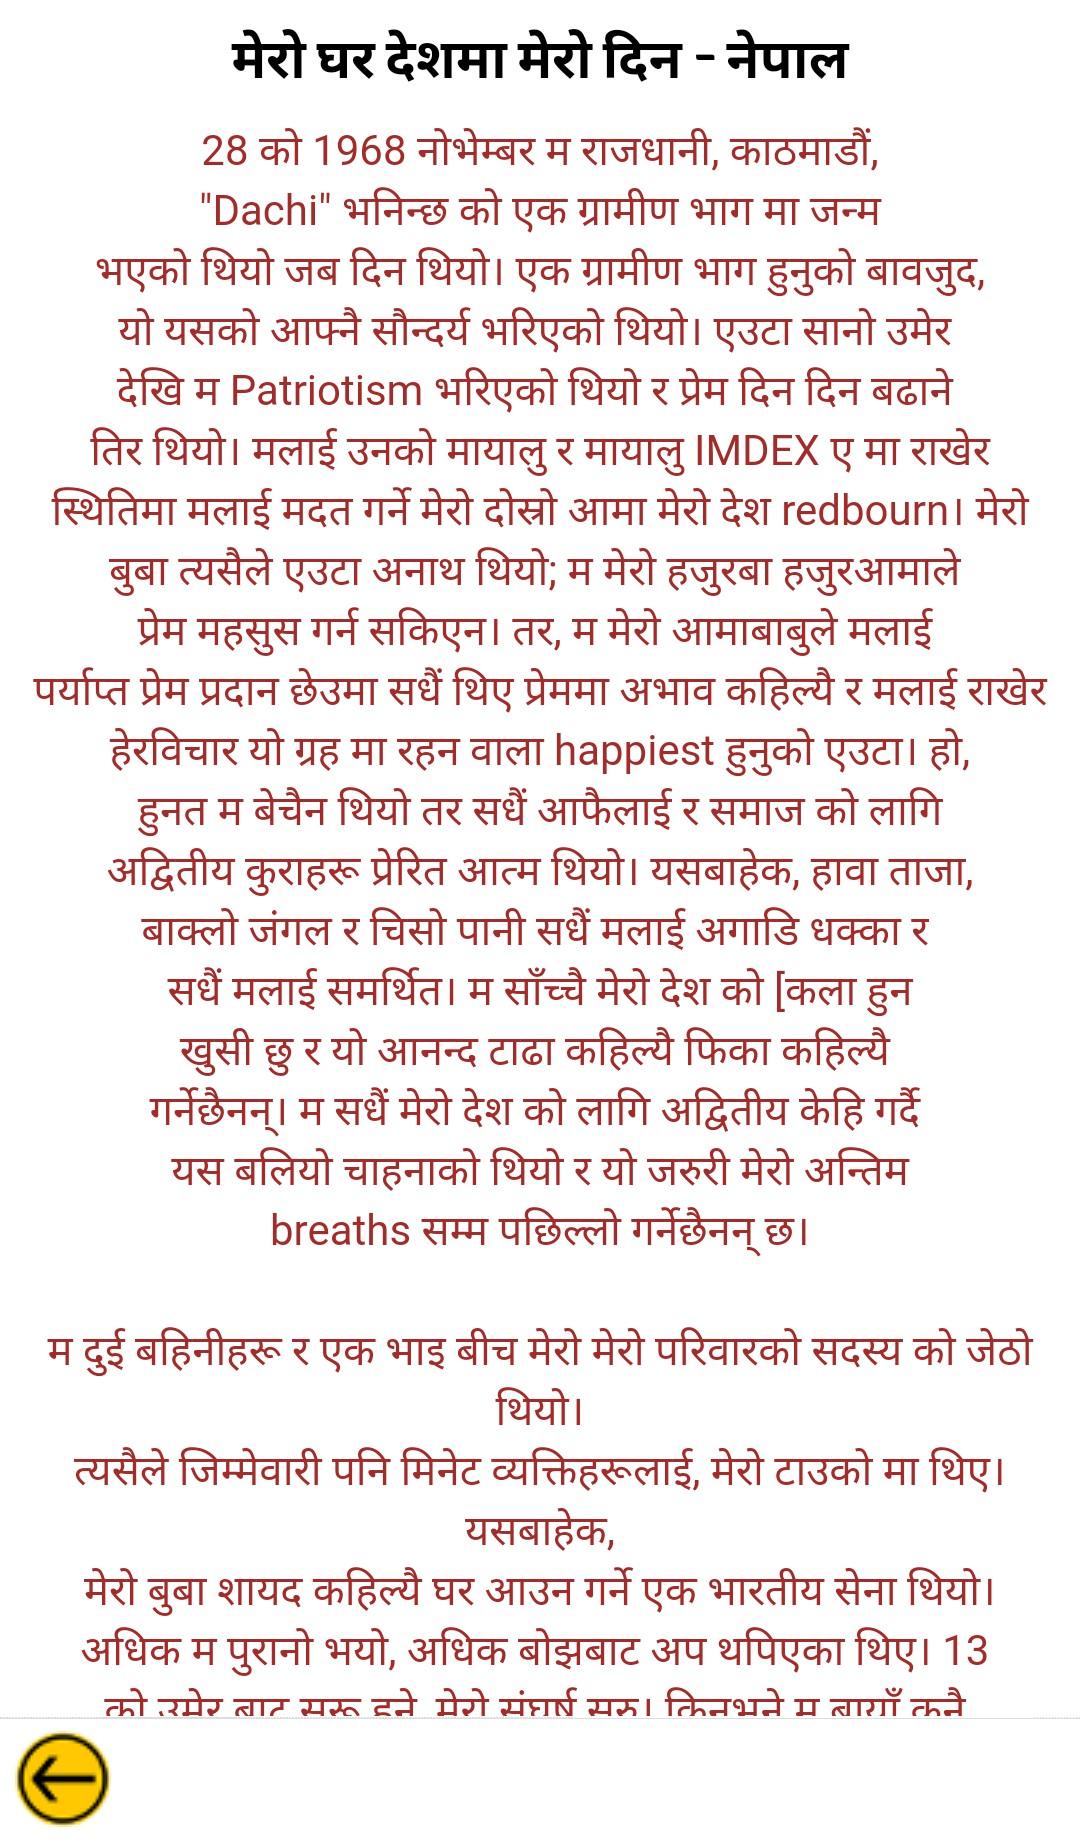 DurgaDhungel